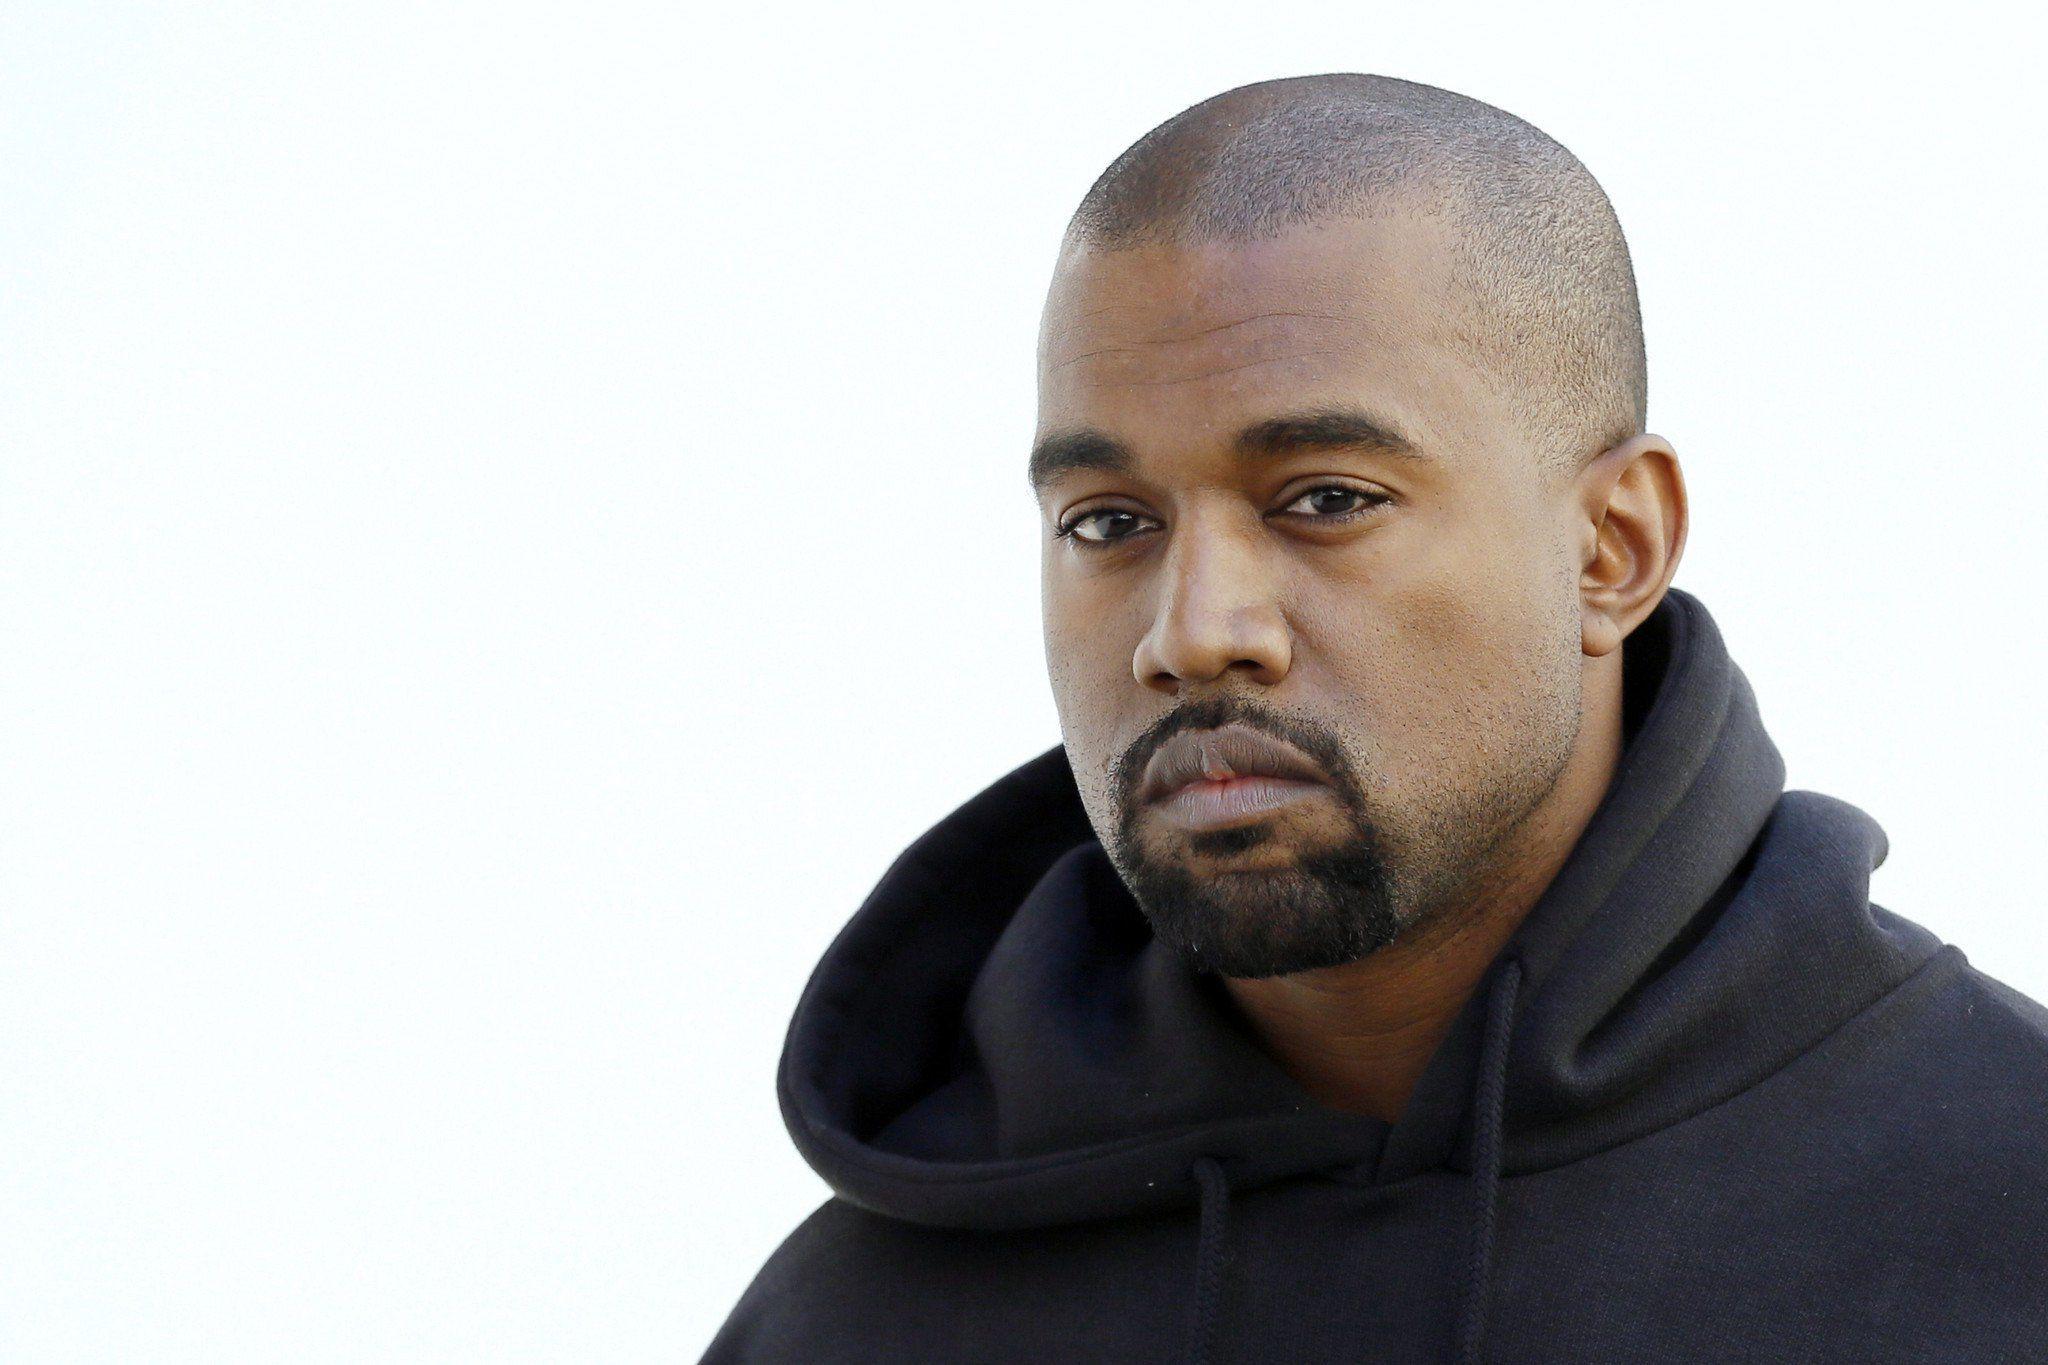 Goatee Kanye West Kanye West New Album Kanye